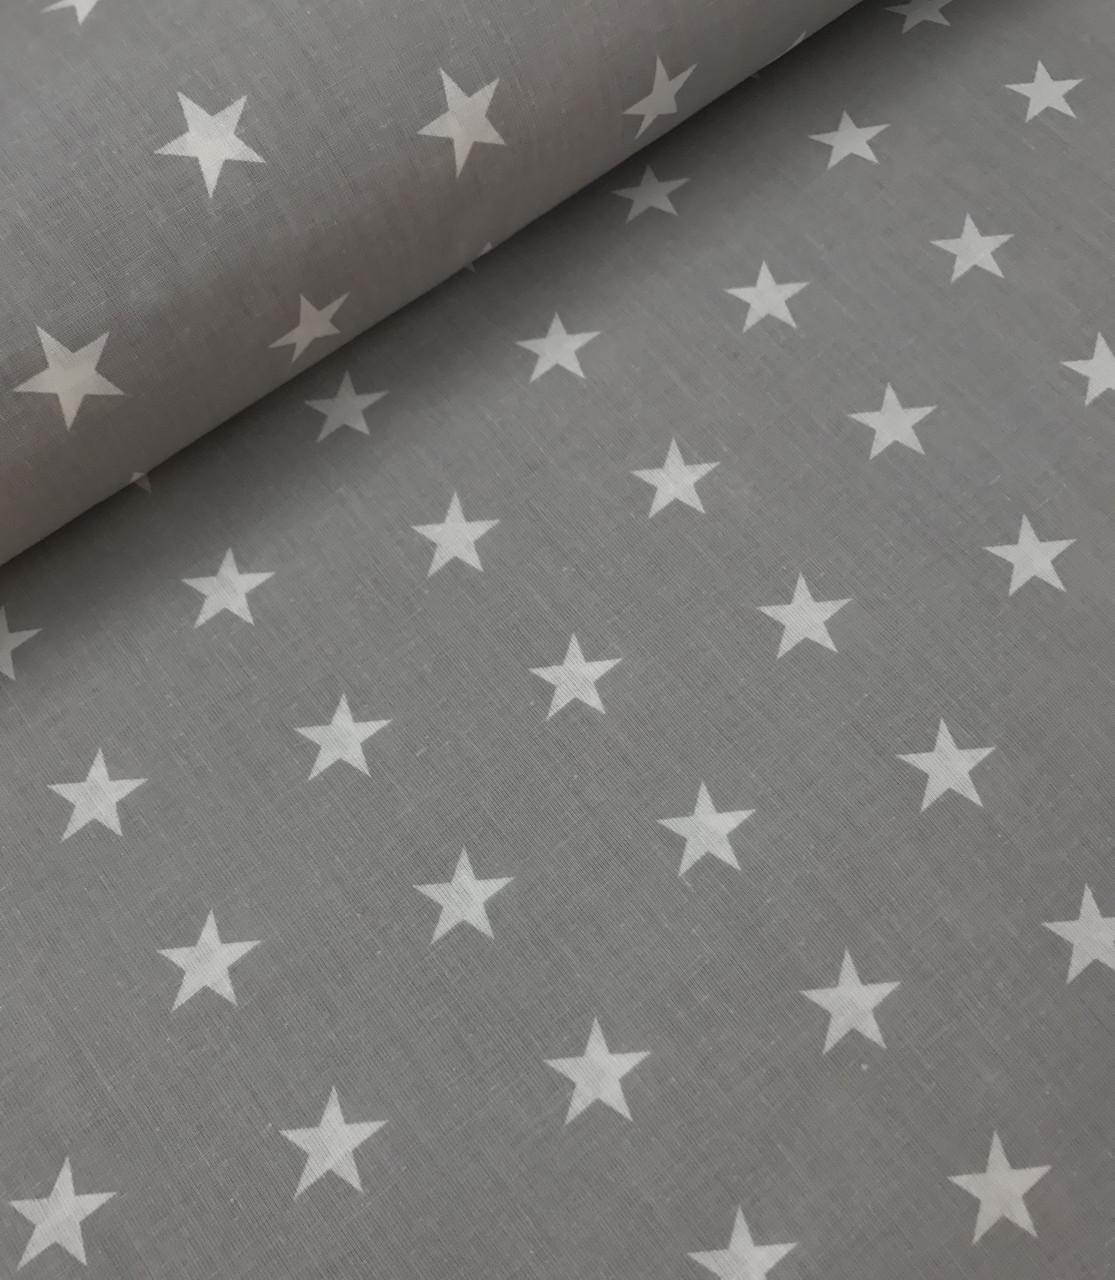 Тканина бавовняна бязь білі зірки на сірому рідкісні шир. 2,2 м